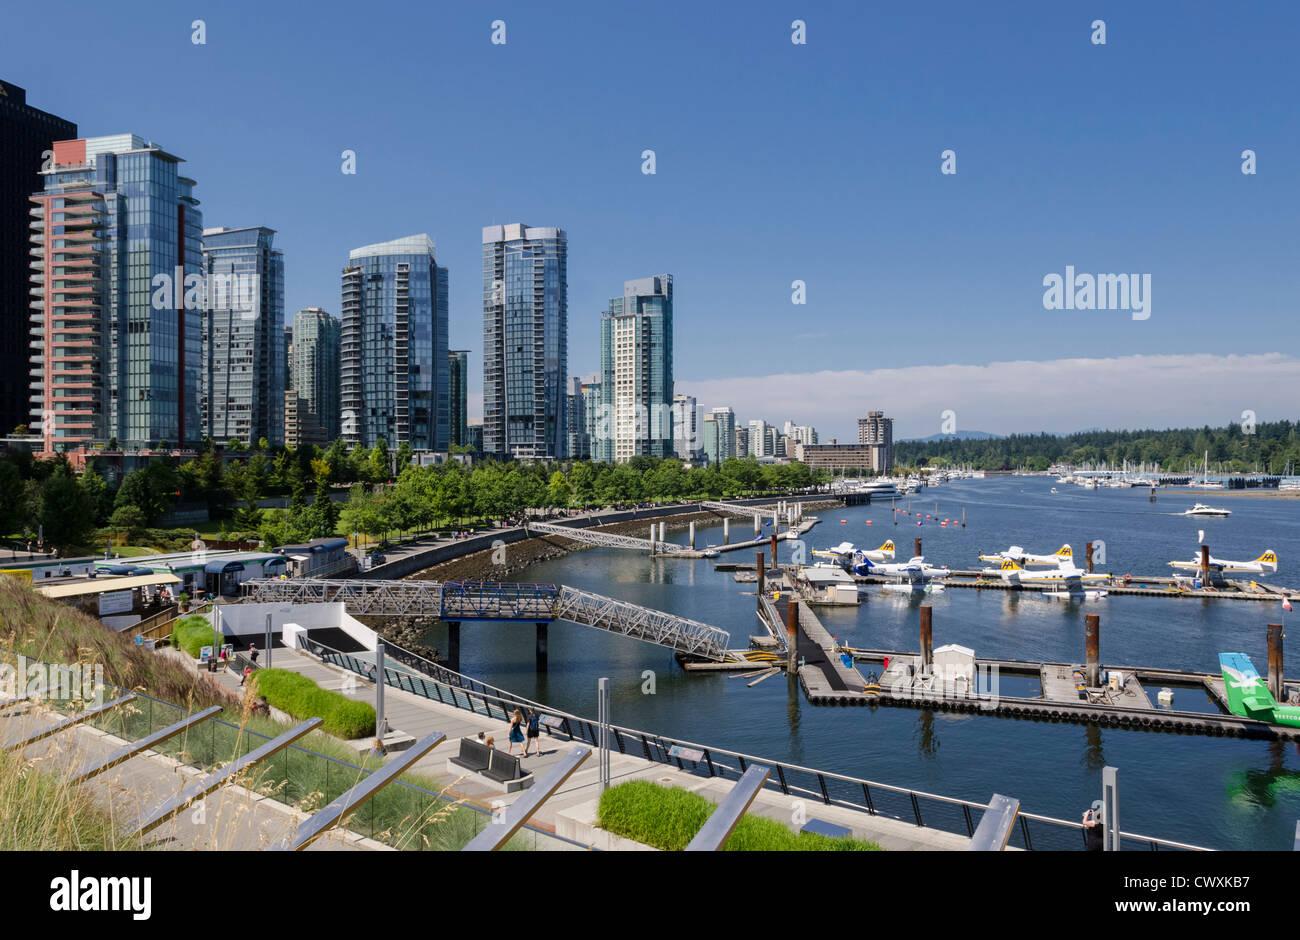 El puerto de Vancouver Aeropuerto Agua y apartamentos, West Cordova Street y Harbour Green Park, Vancouver, Canadá. Imagen De Stock